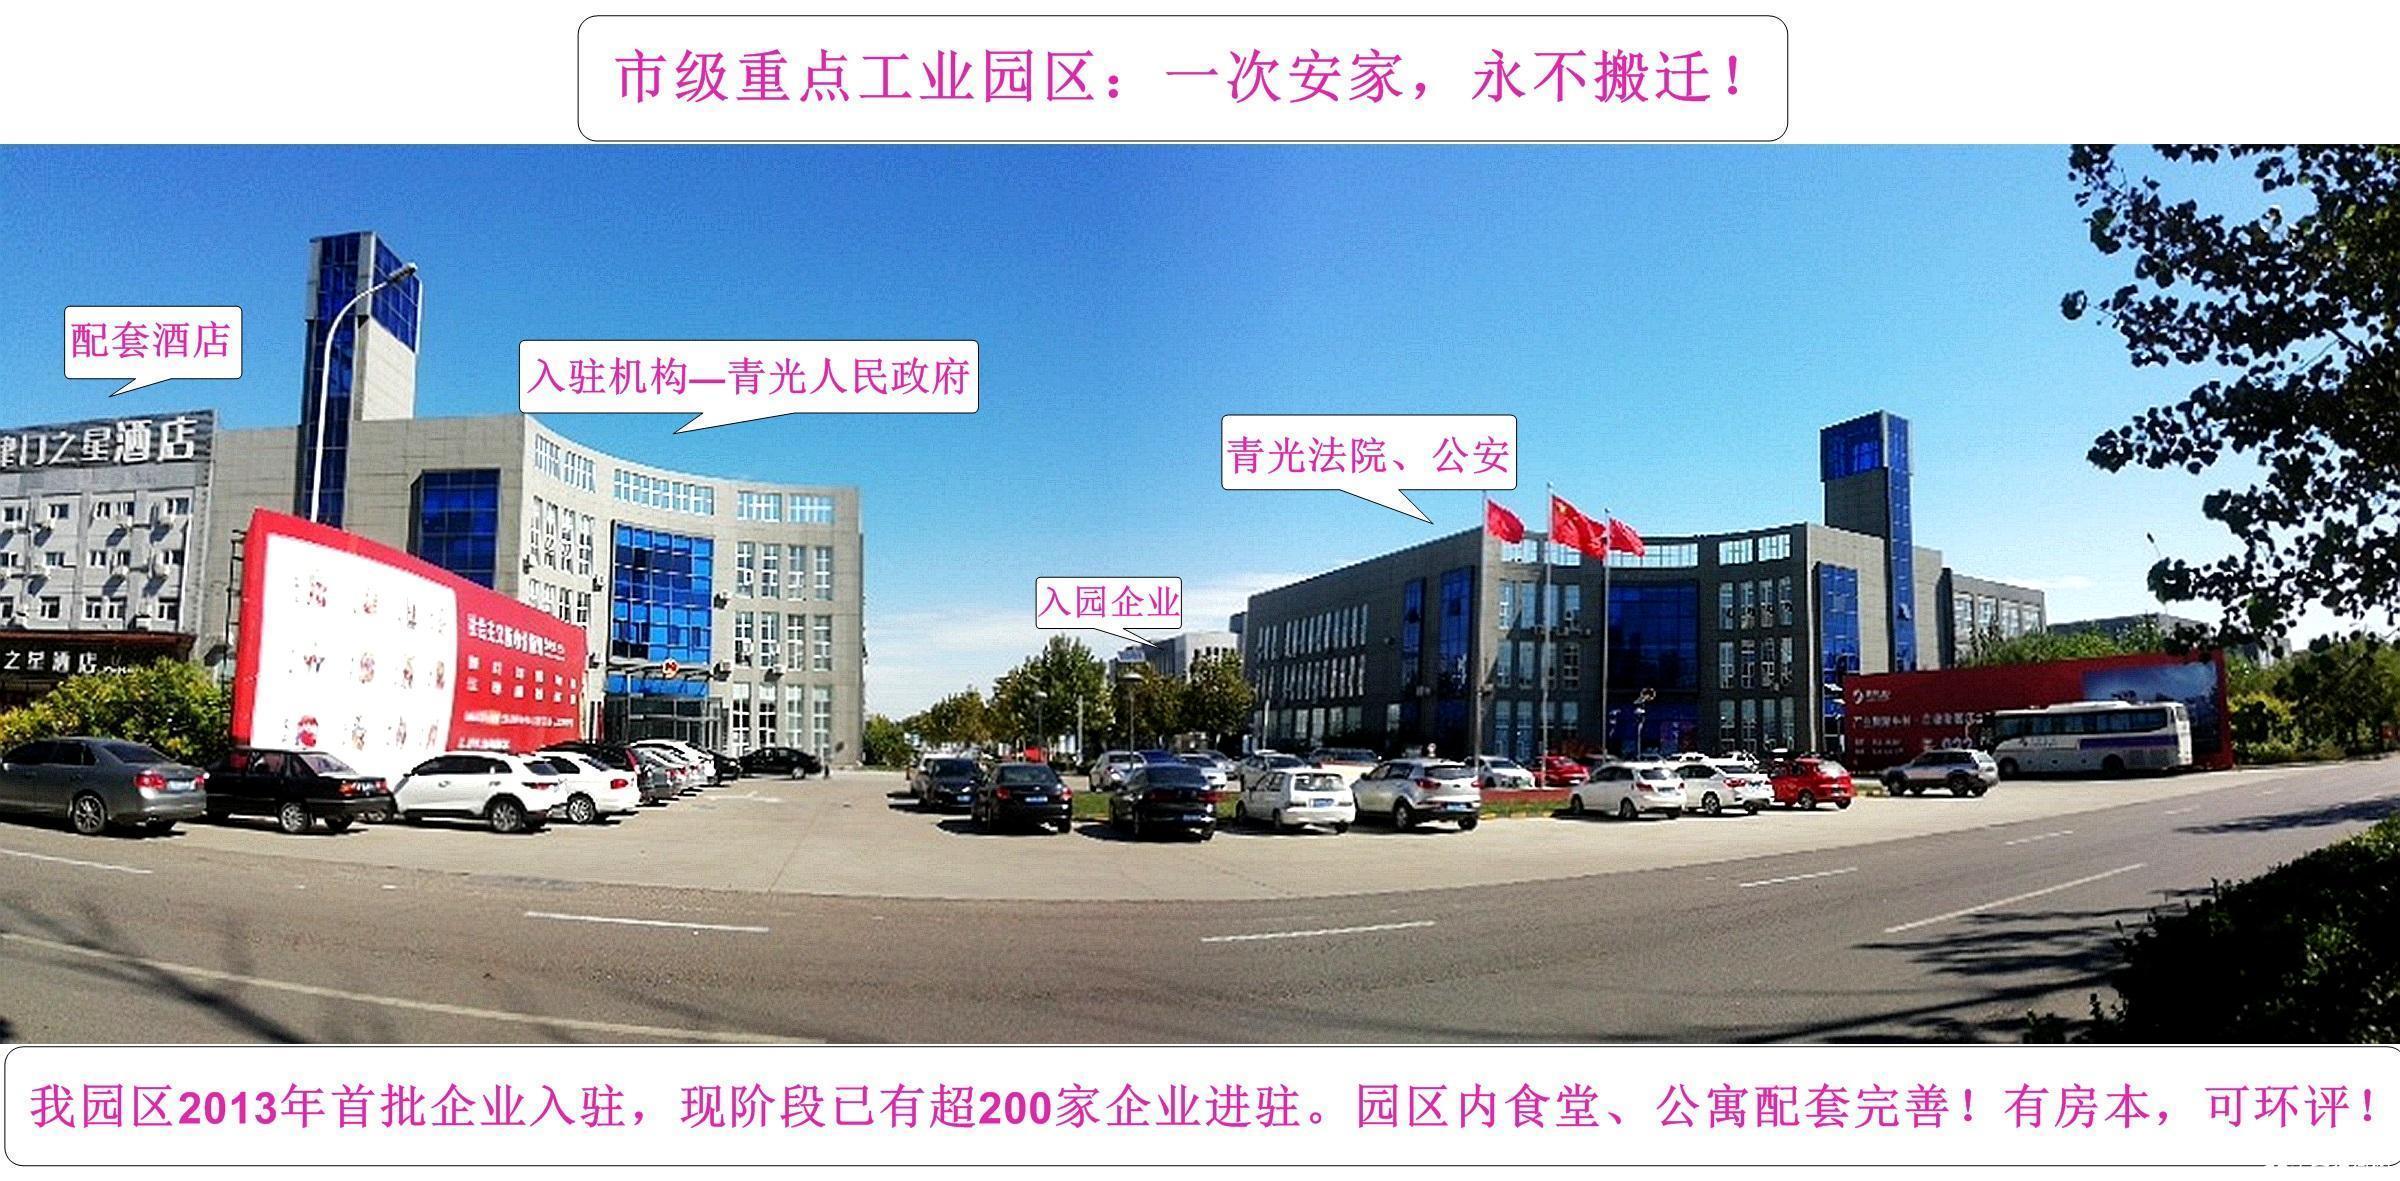 联东集团 专业运营产业园区30年 您想要的我们都要 欢迎咨询